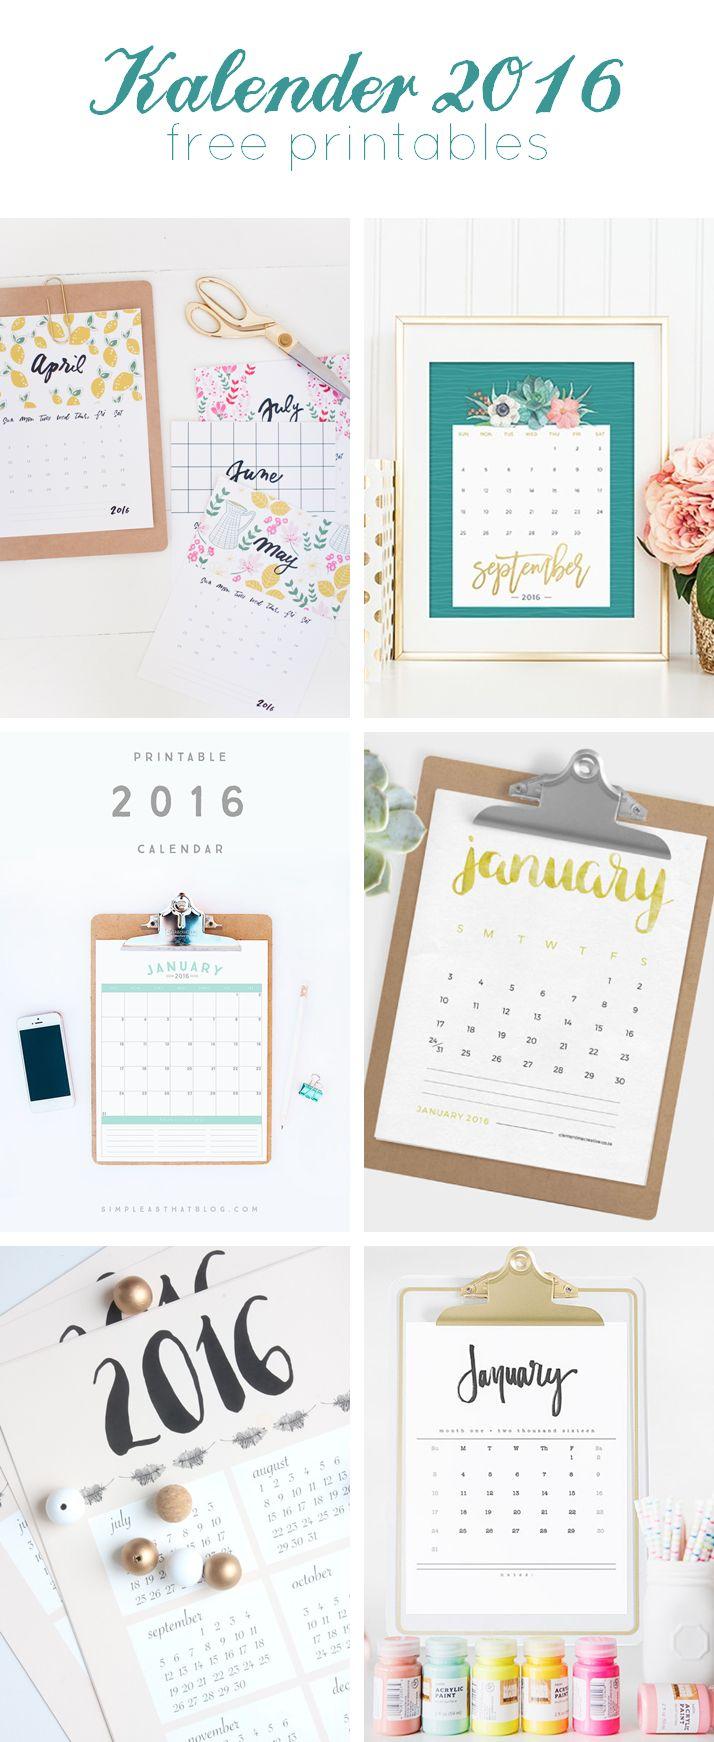 Einfach ausdrucken und aufhängen, hier sind die schönsten Kalender für 2016.